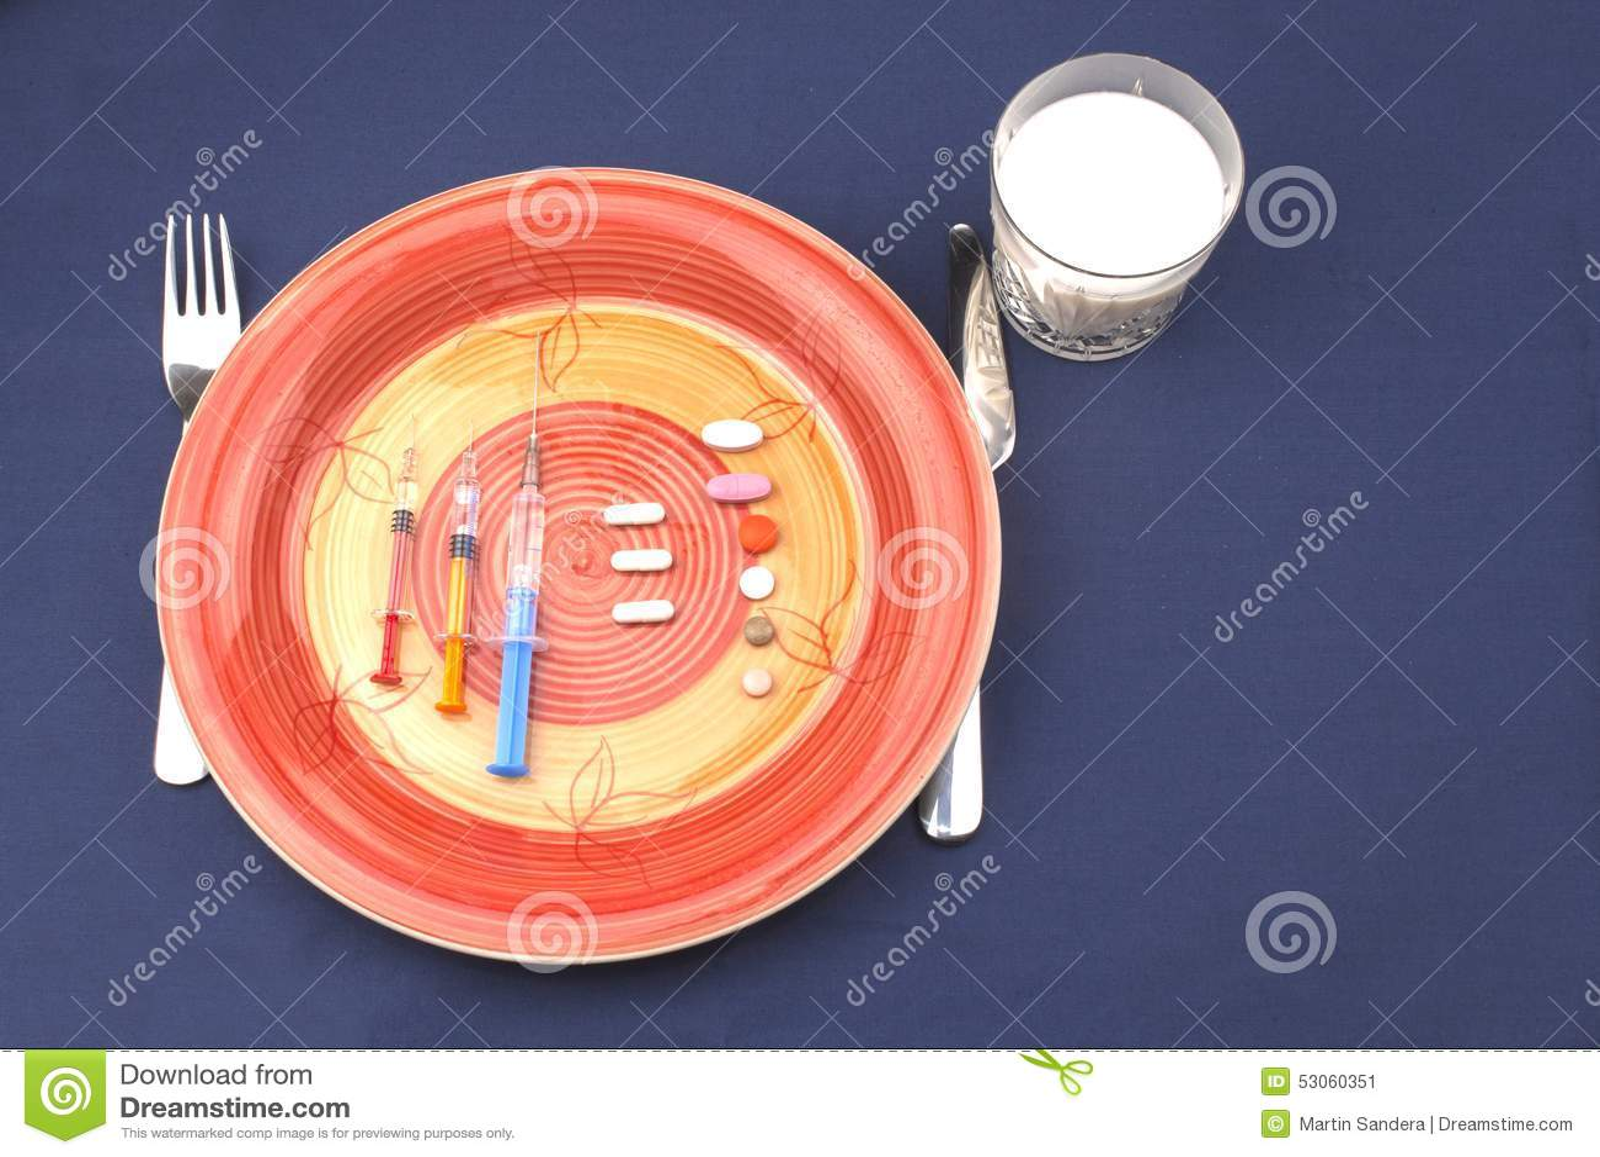 Desayuno dietético, doping anabólico